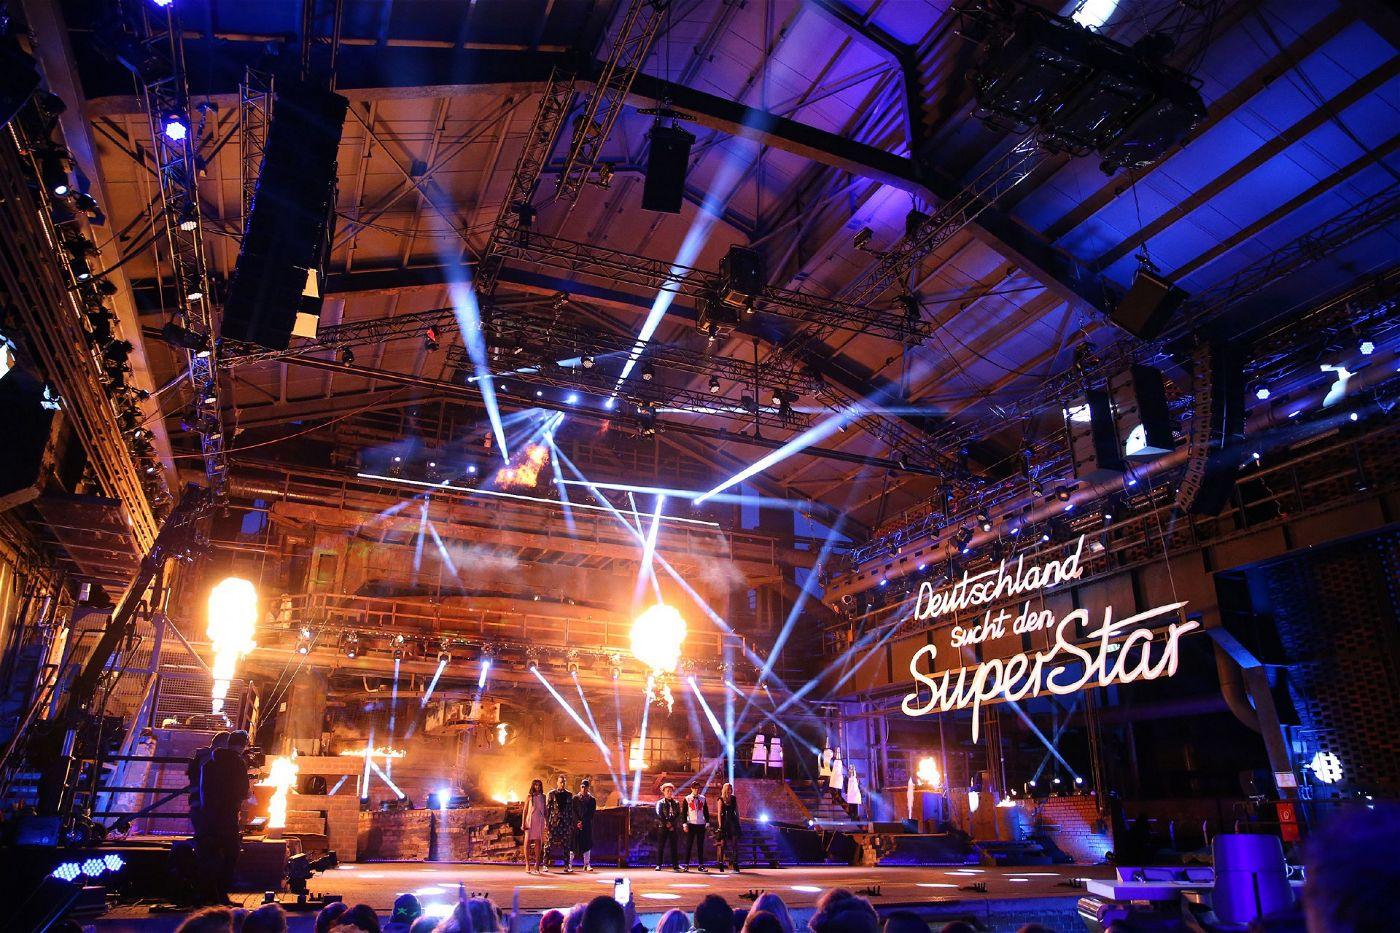 Die dritte Event-Show findet im Landschaftspark Duisburg statt.